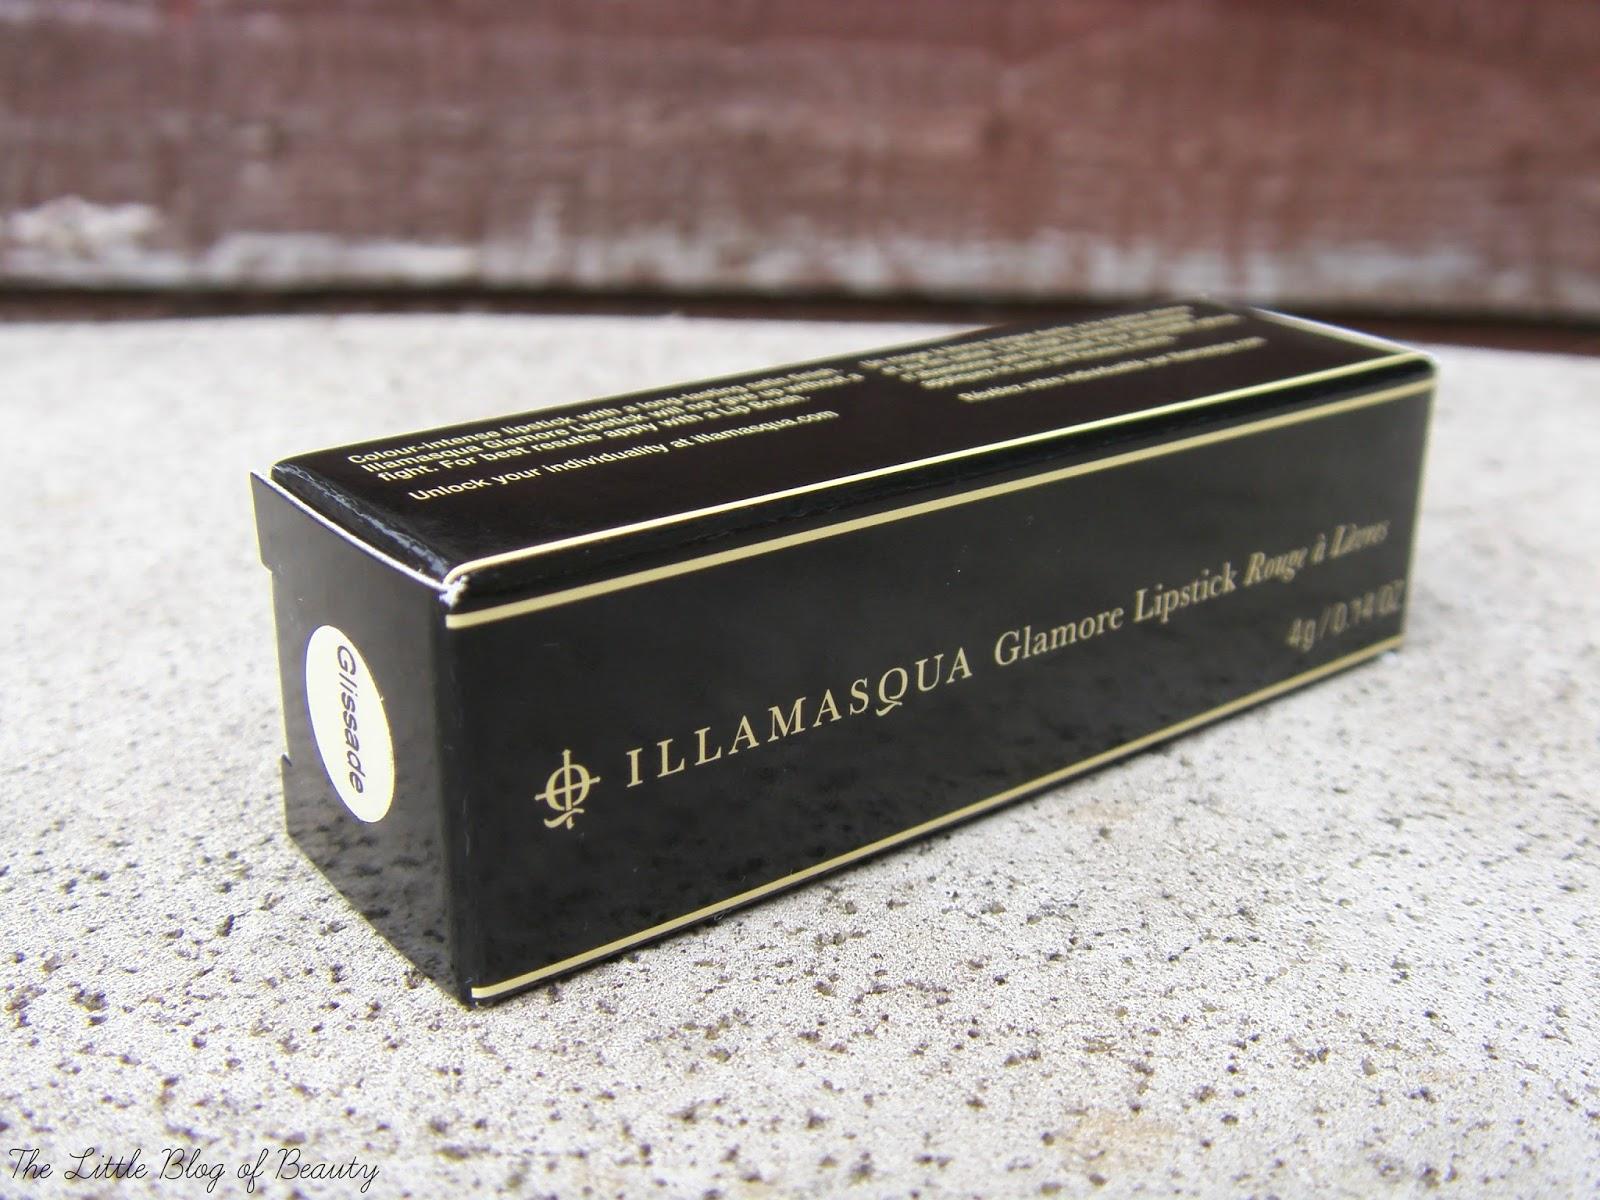 Illamasqua Glamore lipstick in Glissade